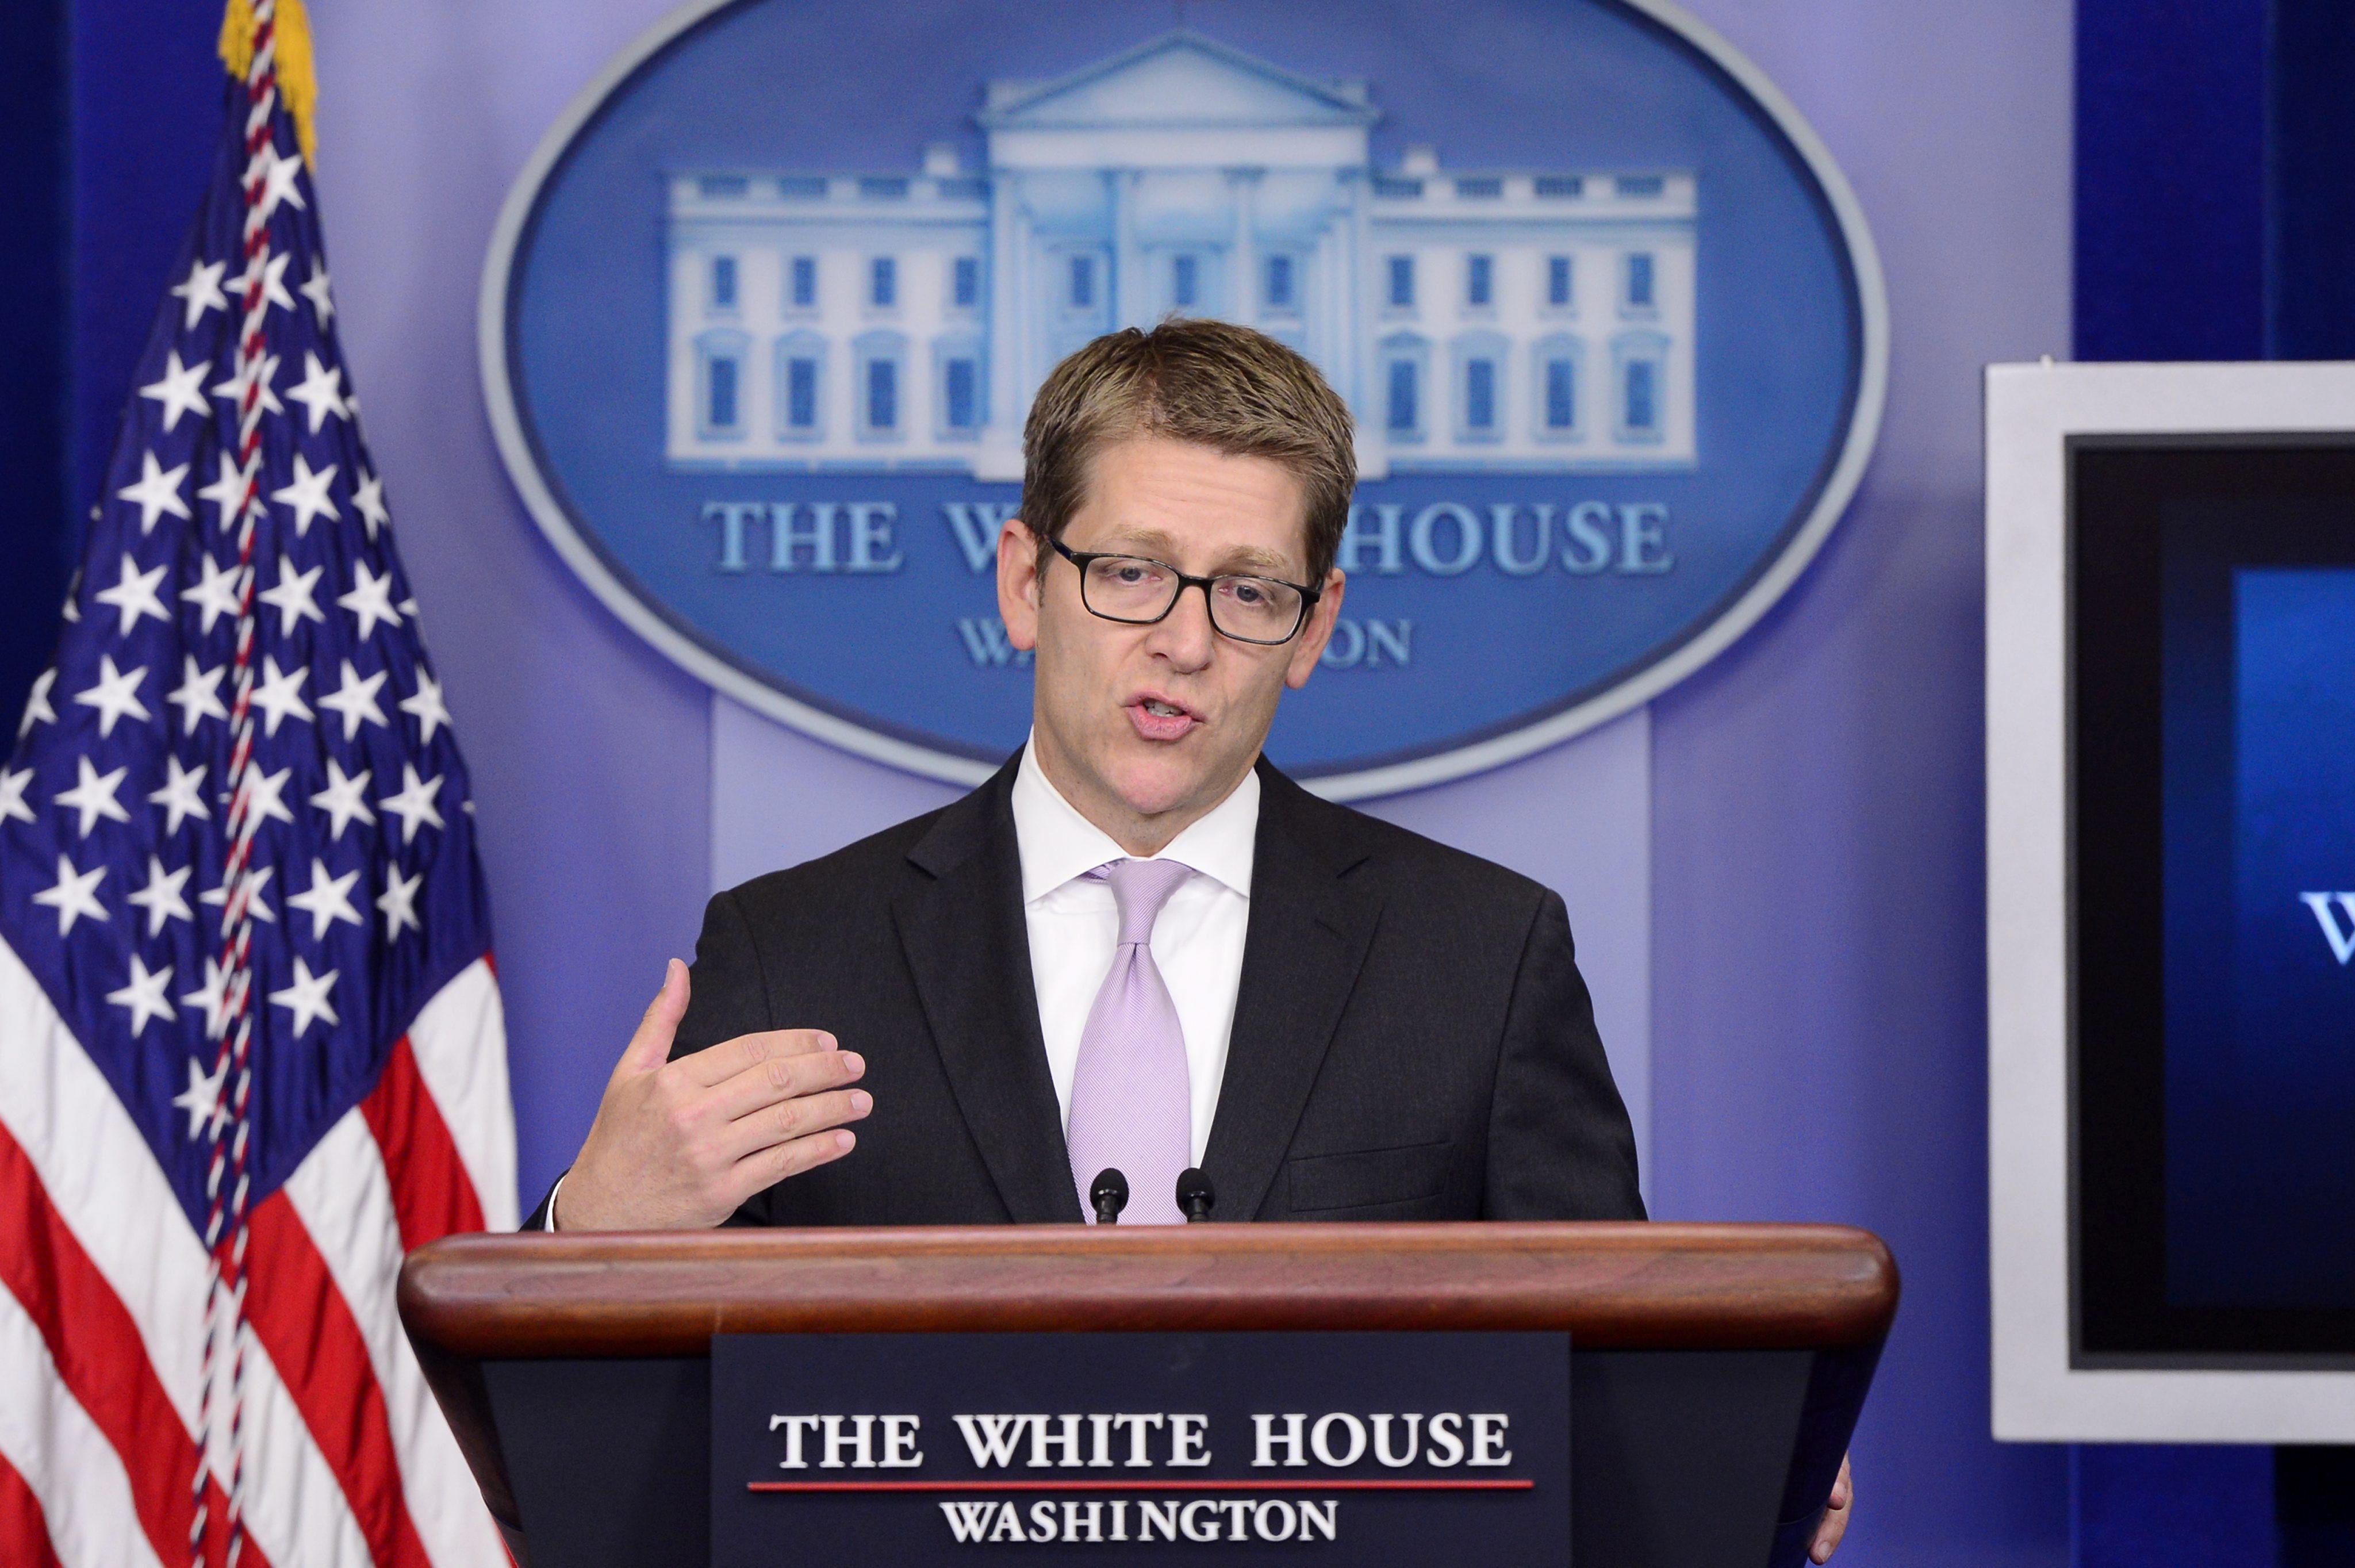 EE.UU. dice que el caso Snowden tendrá un impacto negativo en la relación con China